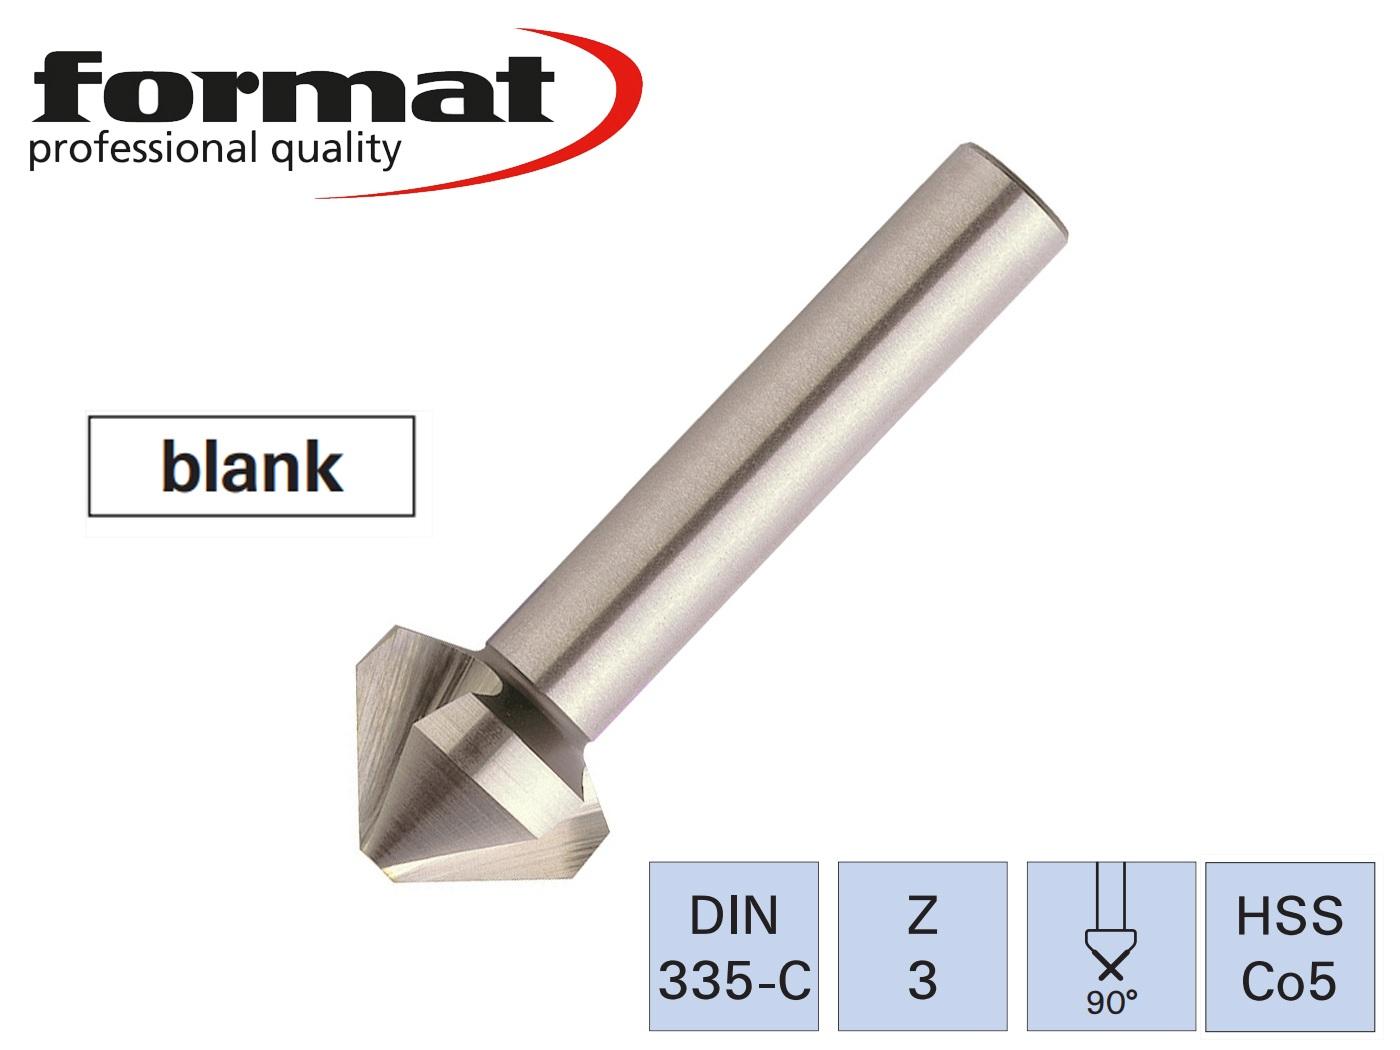 Verzinkboor DIN 335 C HSSE Co5 | DKMTools - DKM Tools